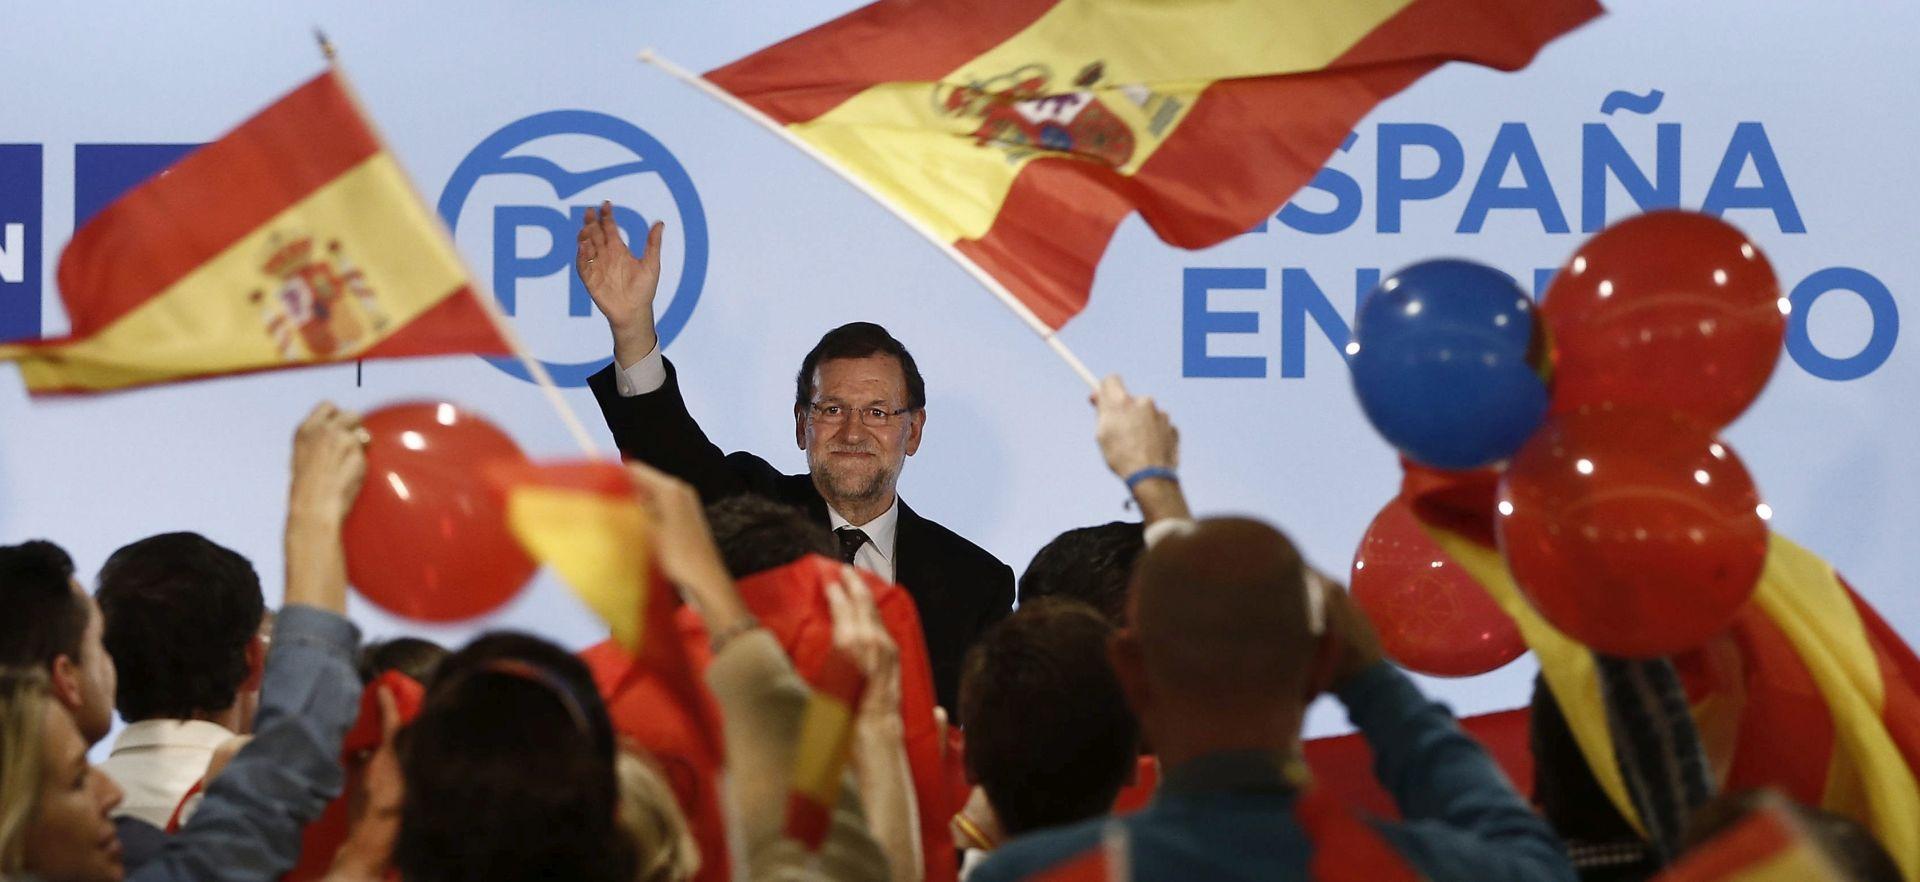 ANKETA POKAZALA: Desnica vodi uoči izbora u Španjolskoj